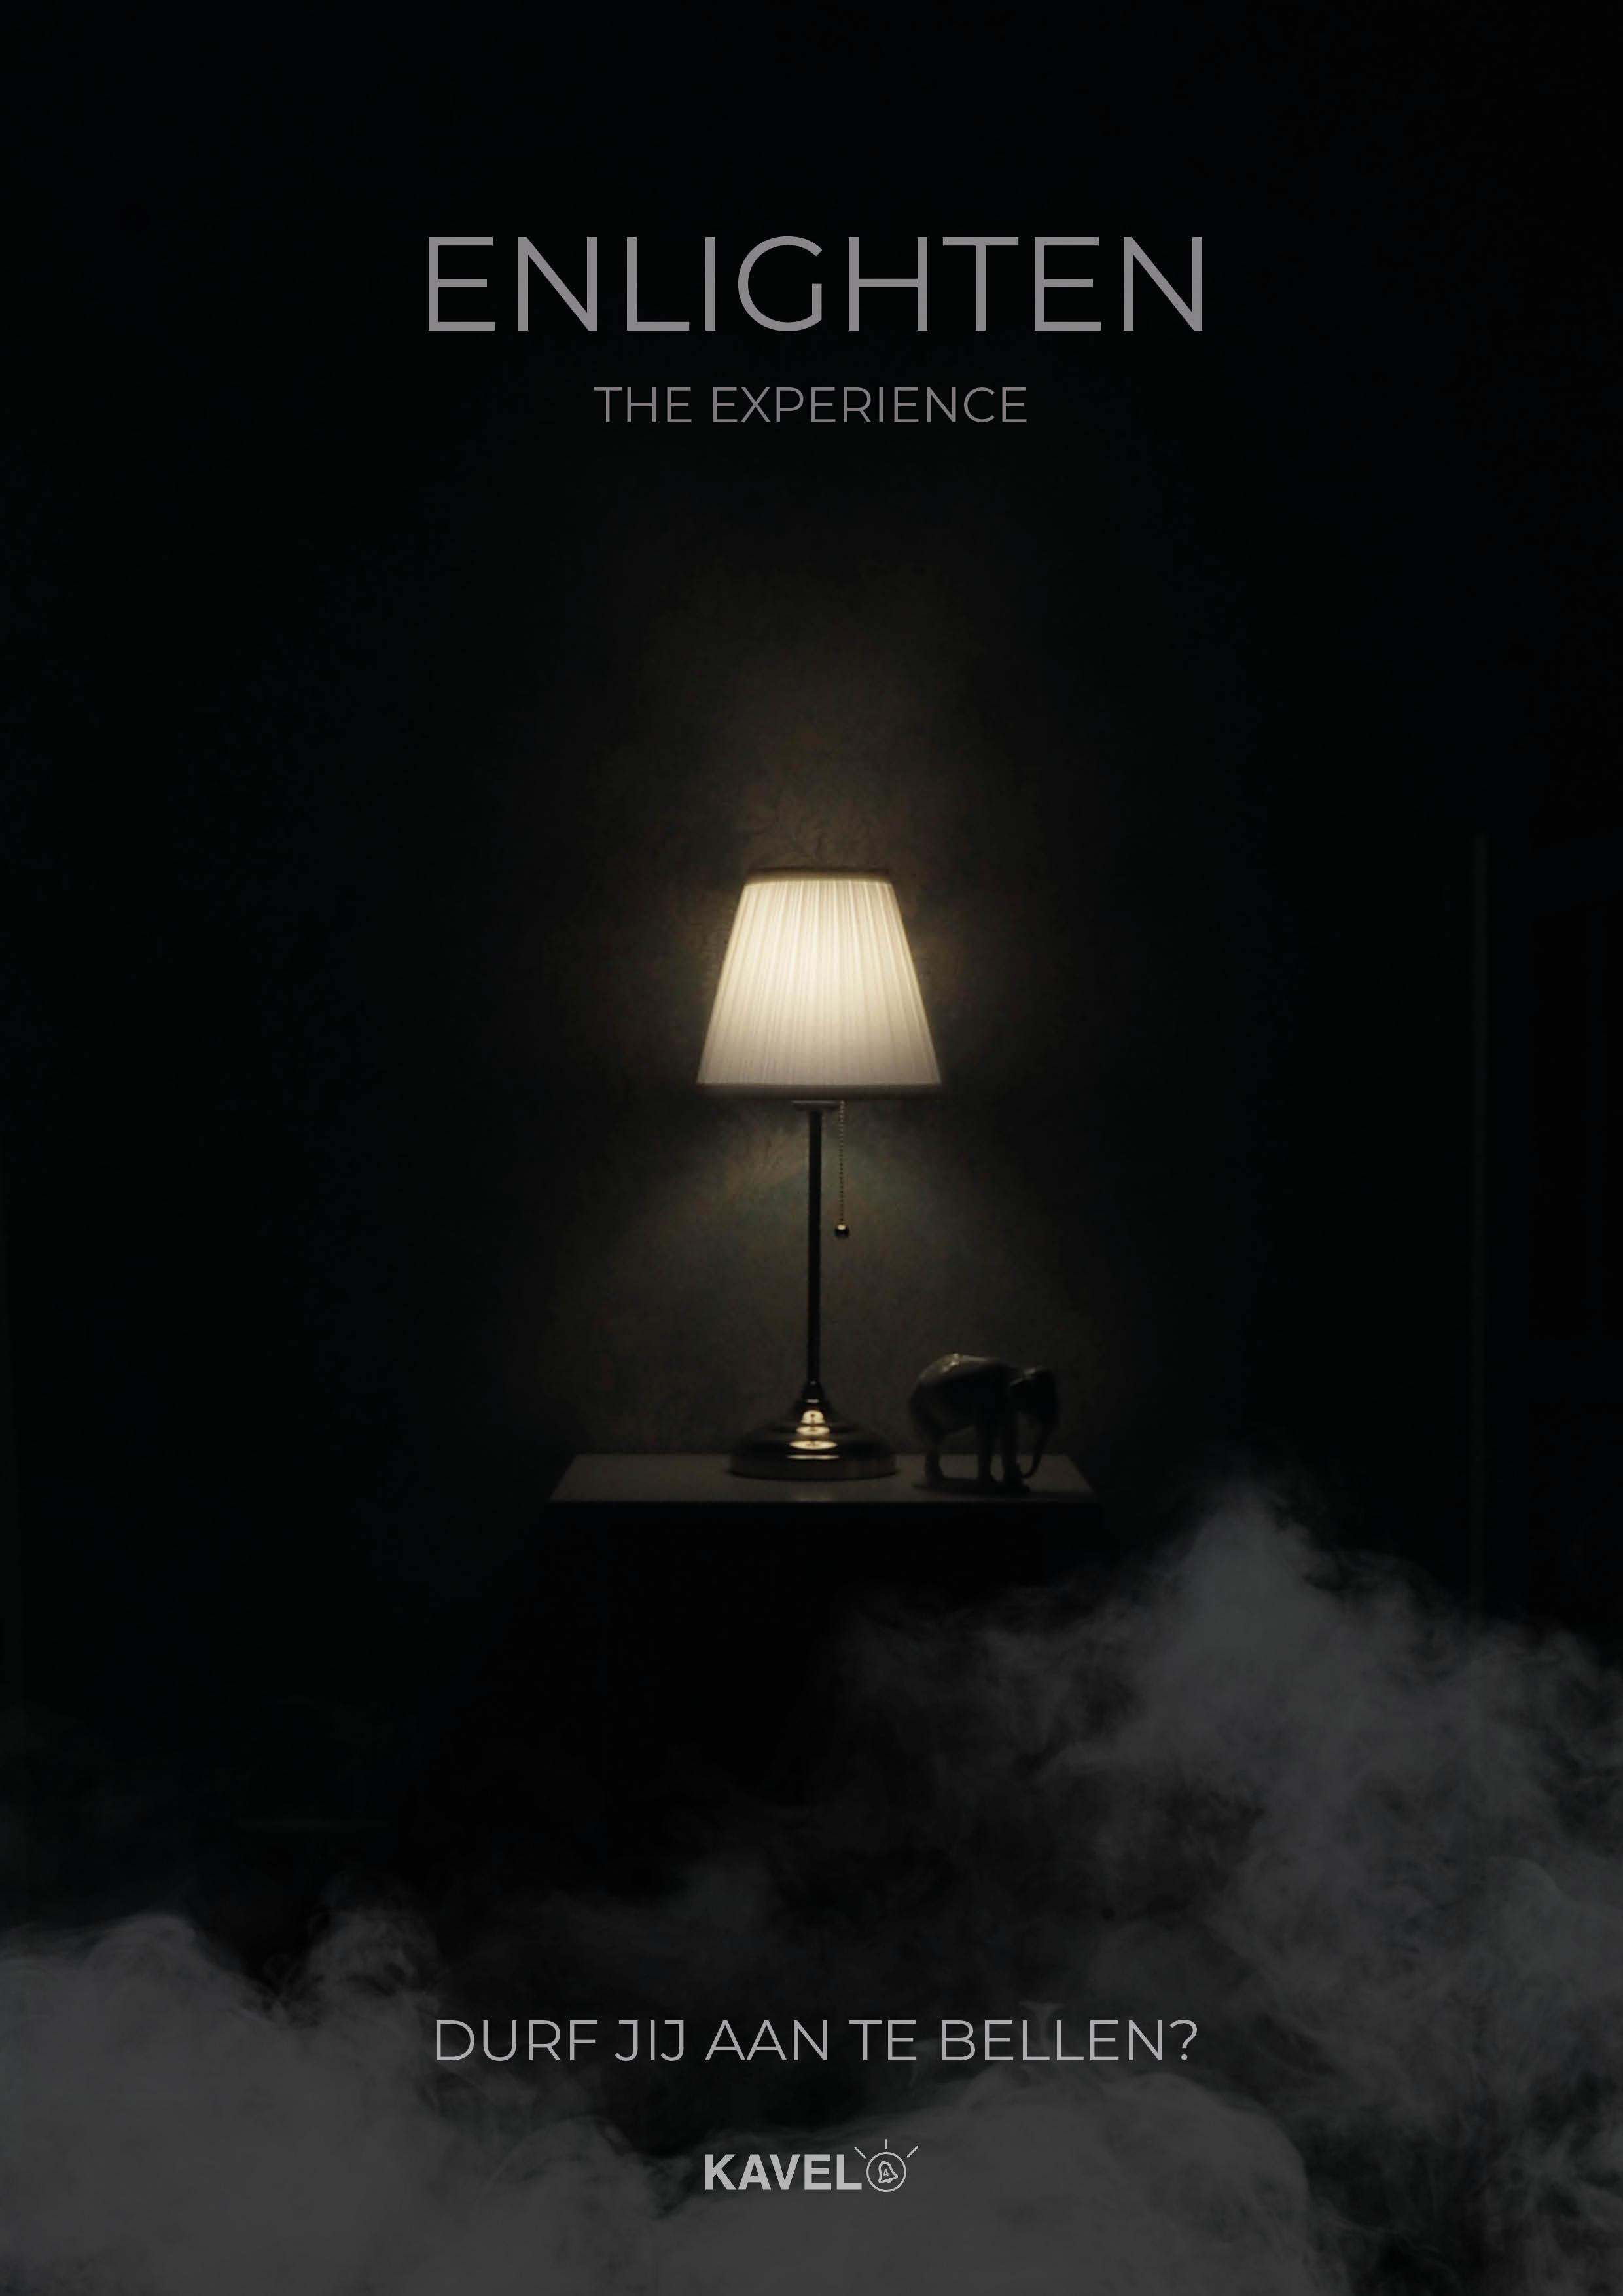 Poster voor de escape room